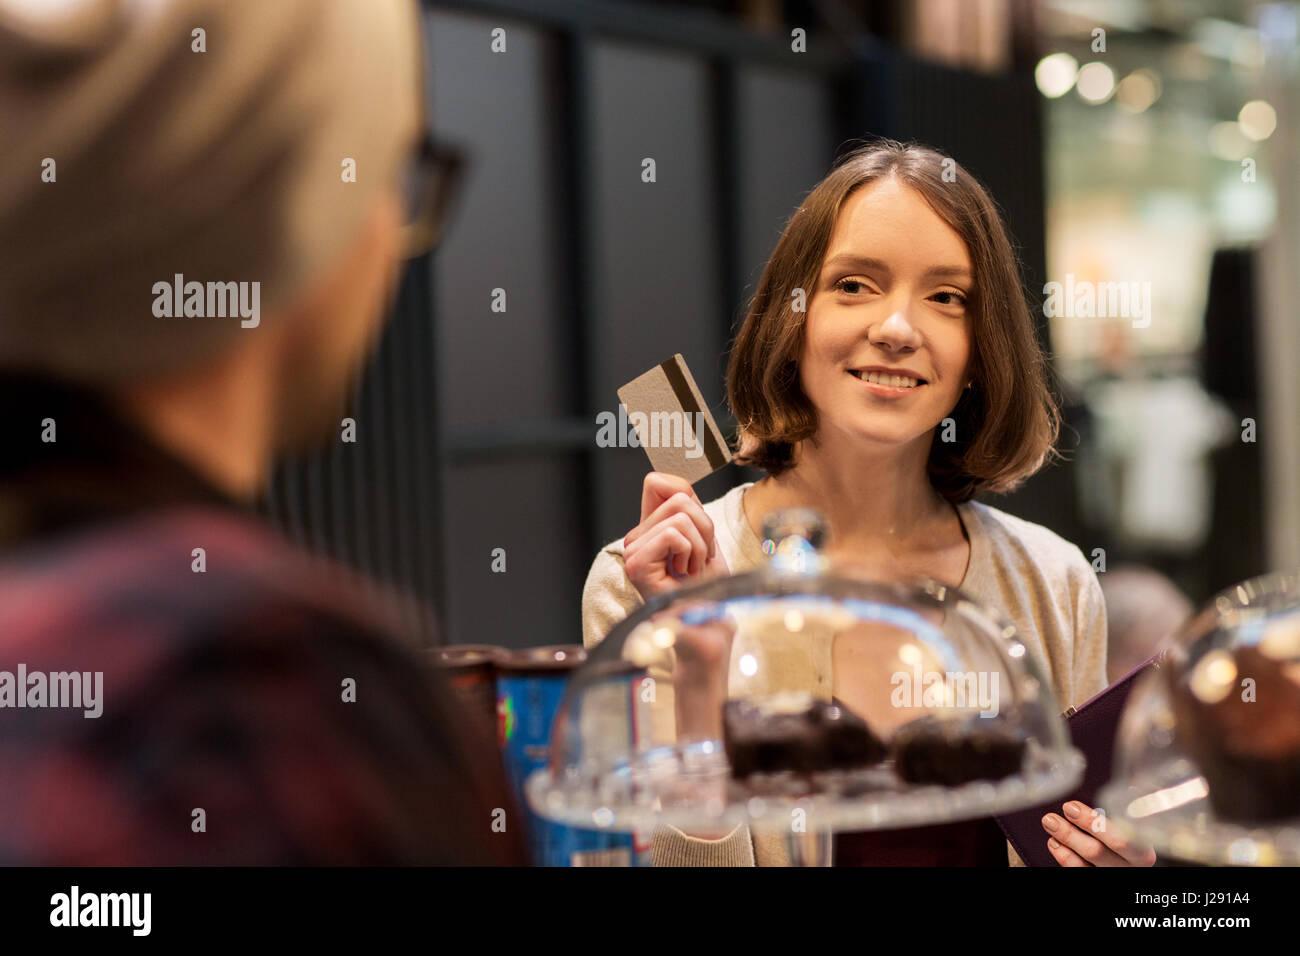 glückliche Frau mit Kreditkarte kaufen Kuchen im café Stockbild